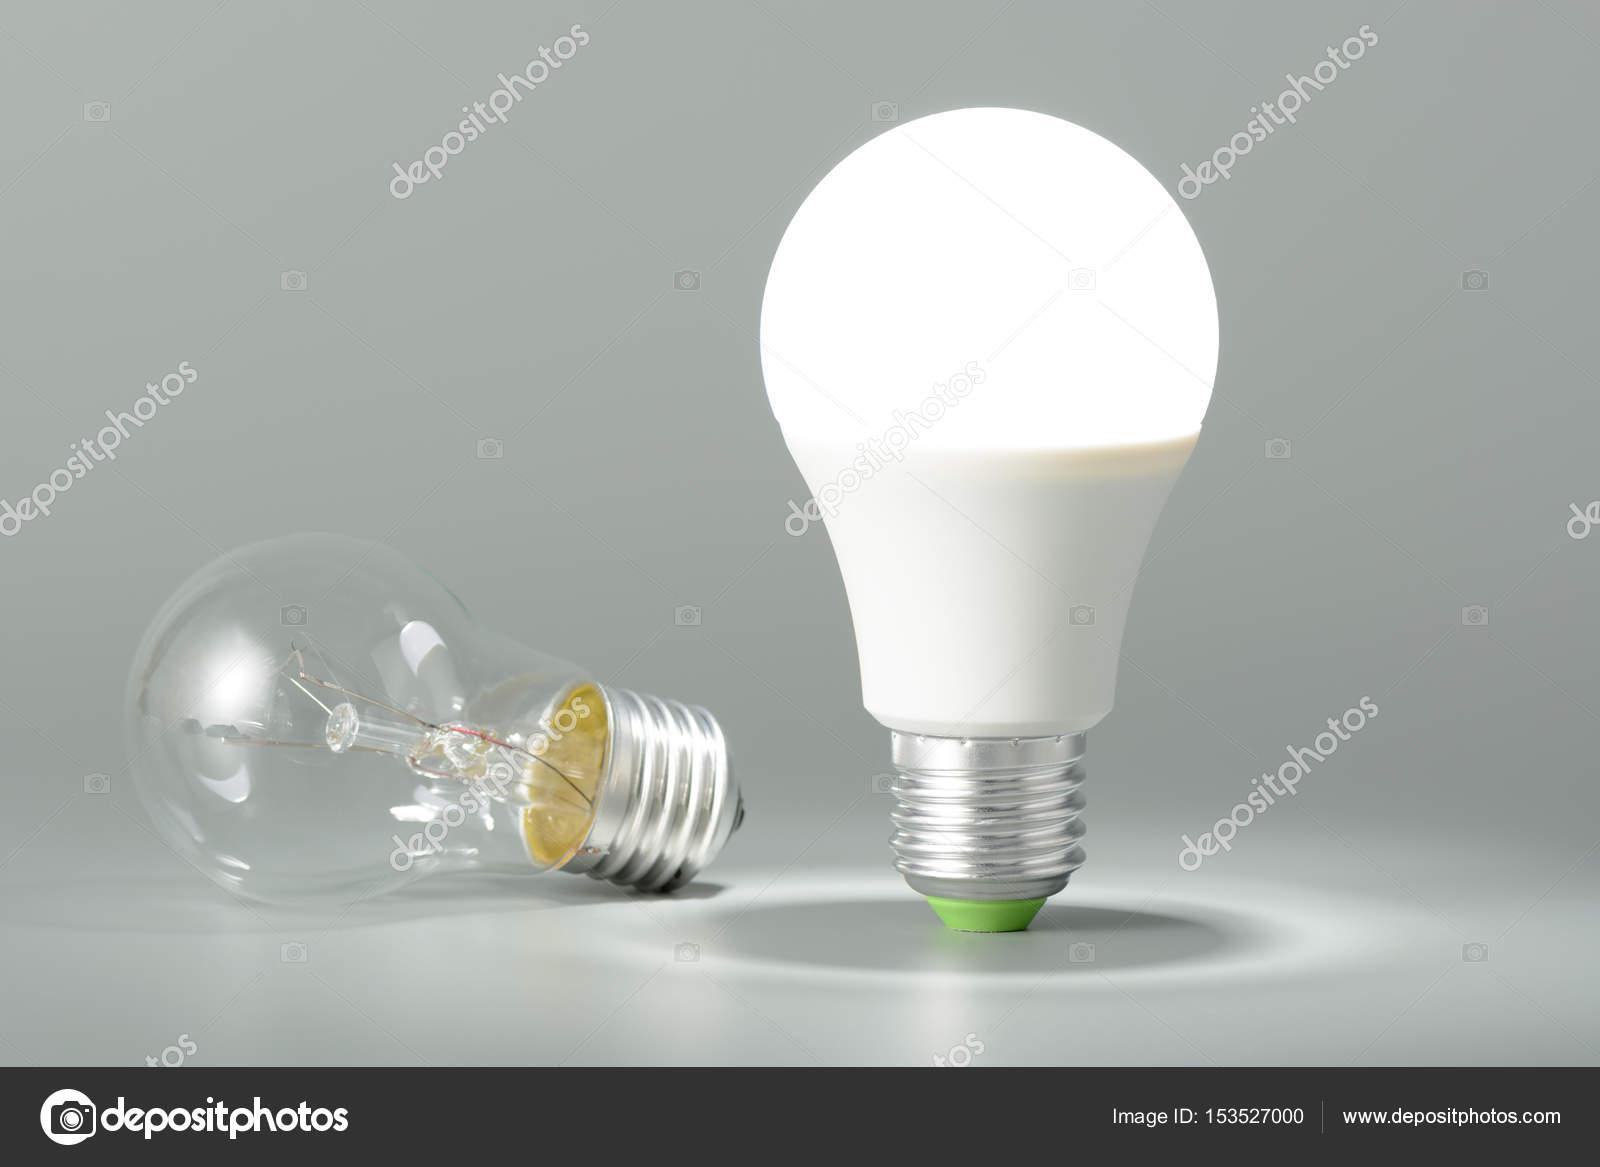 Lampada e lampadina a incandescenza con led a luce u foto stock